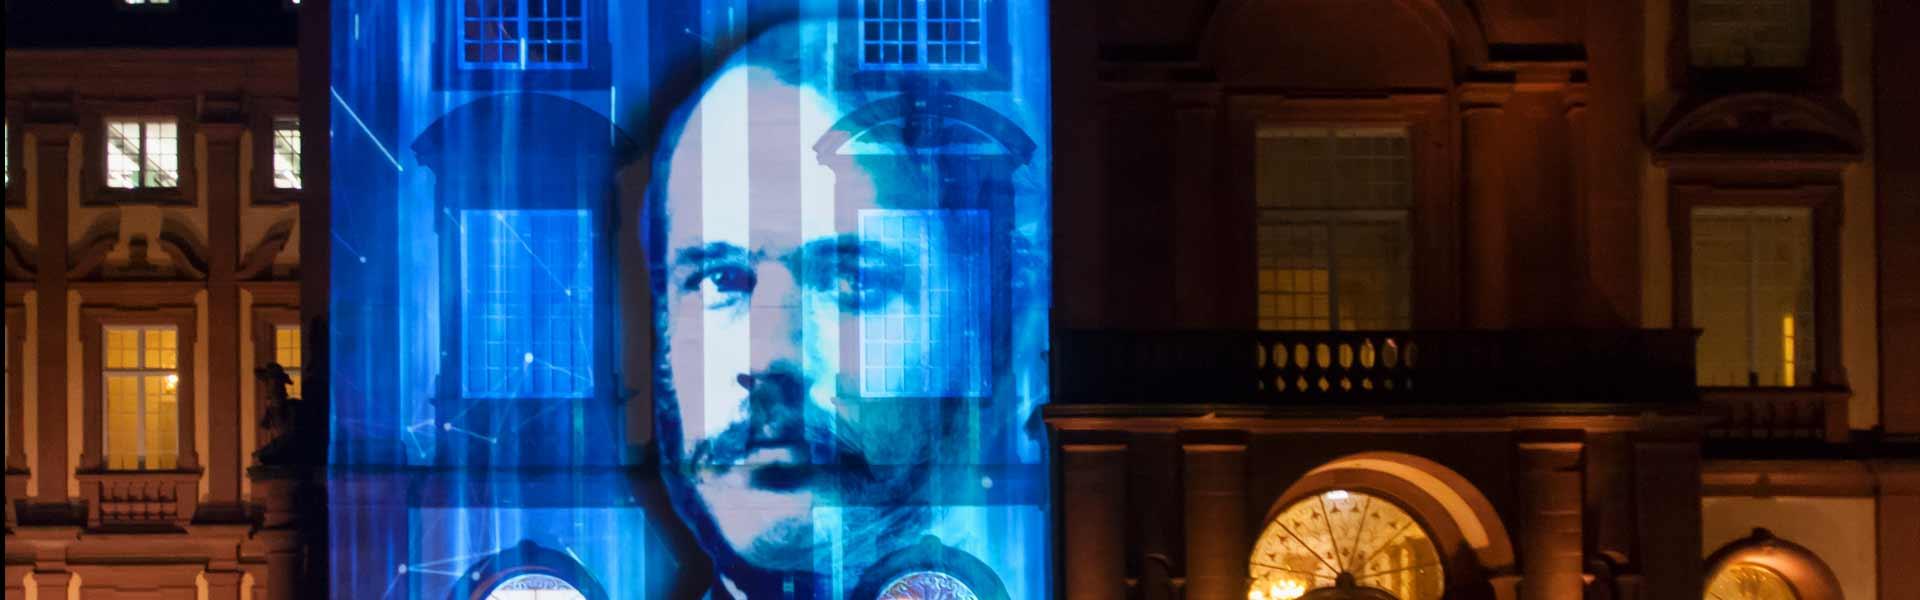 125 Jahre Siemens